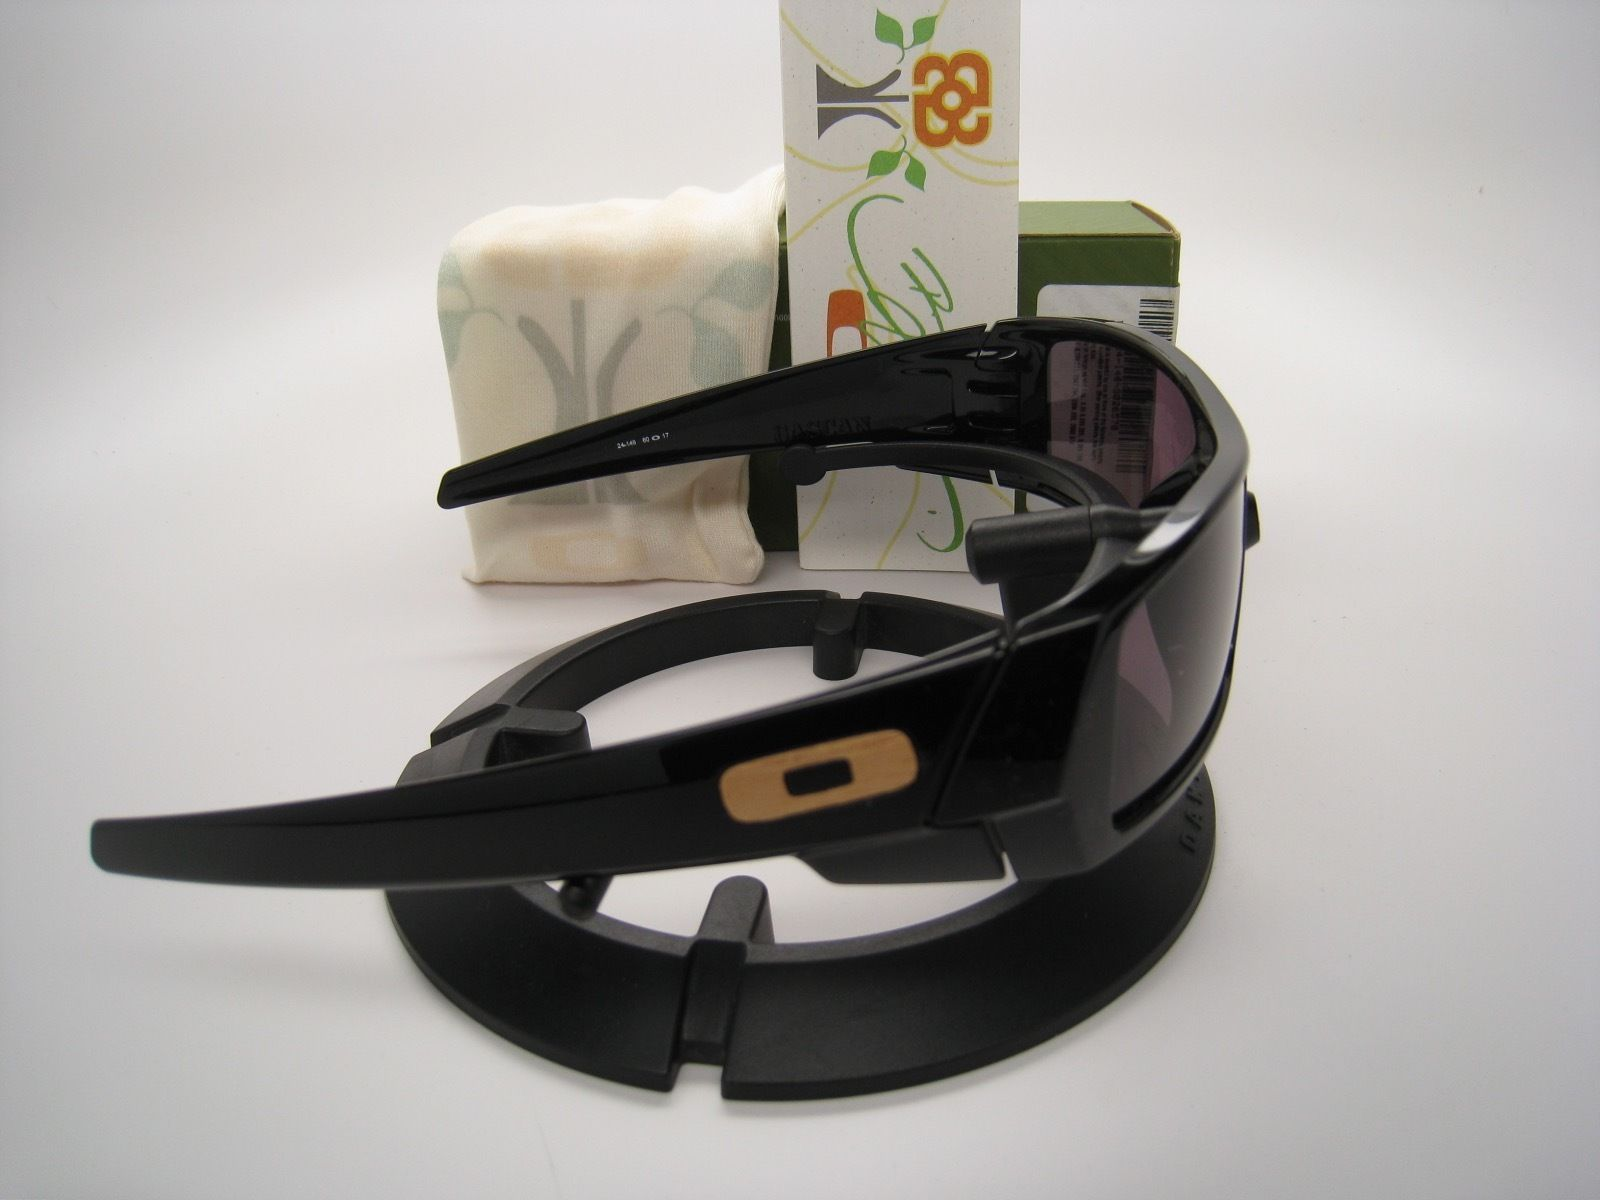 Rare!! New Oakley Limited Bob Burnquist Gascan Polished Black w/Warm Grey 24-146